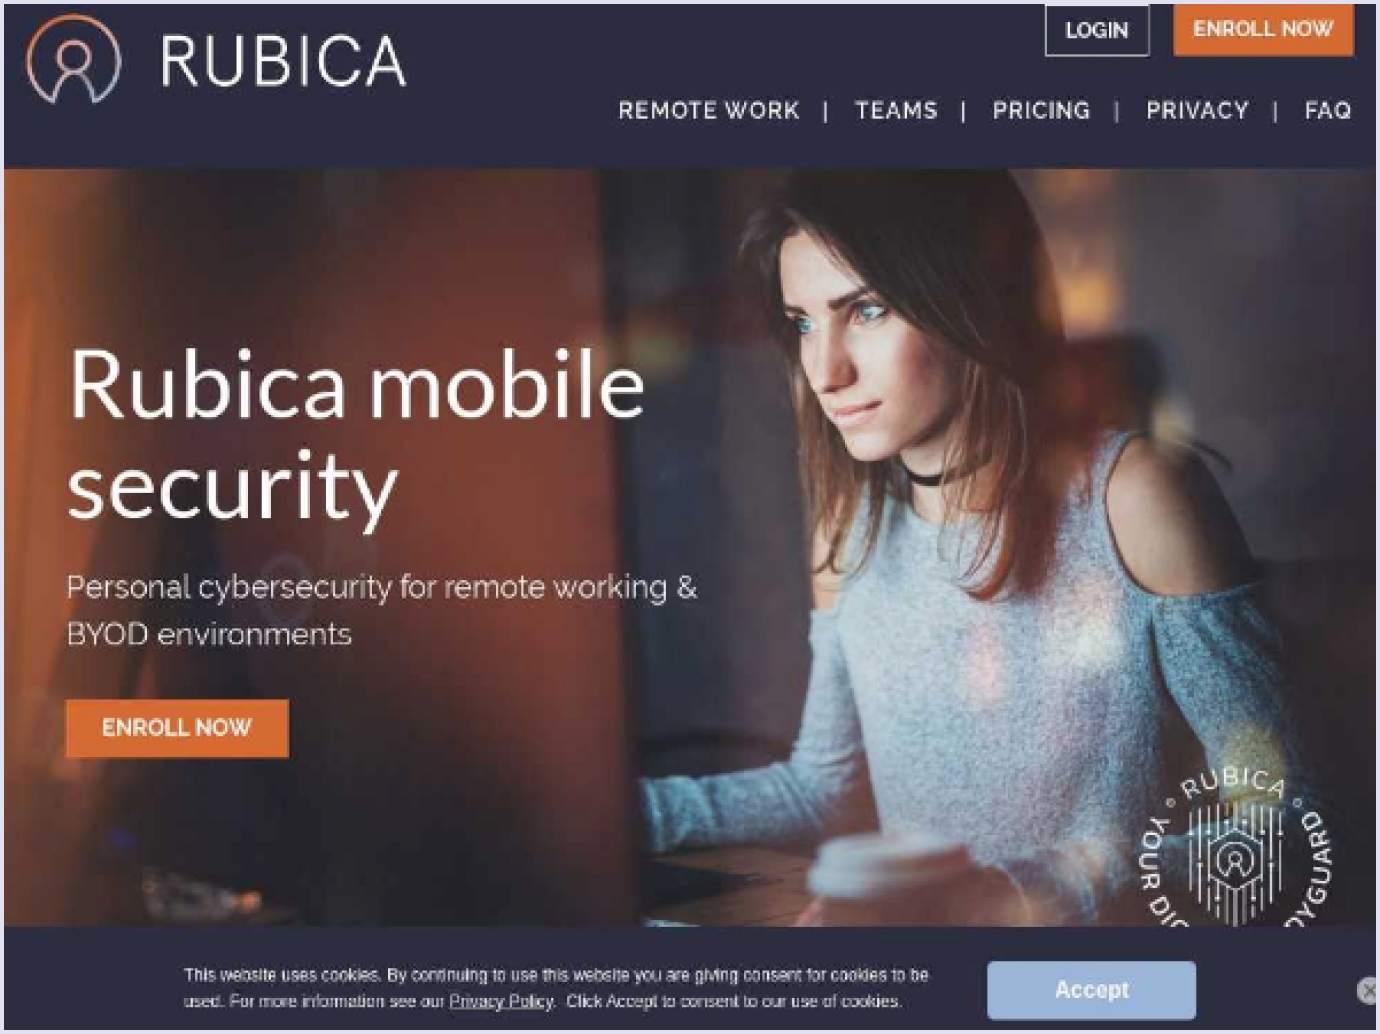 Rubica as a SaaS startup that failed